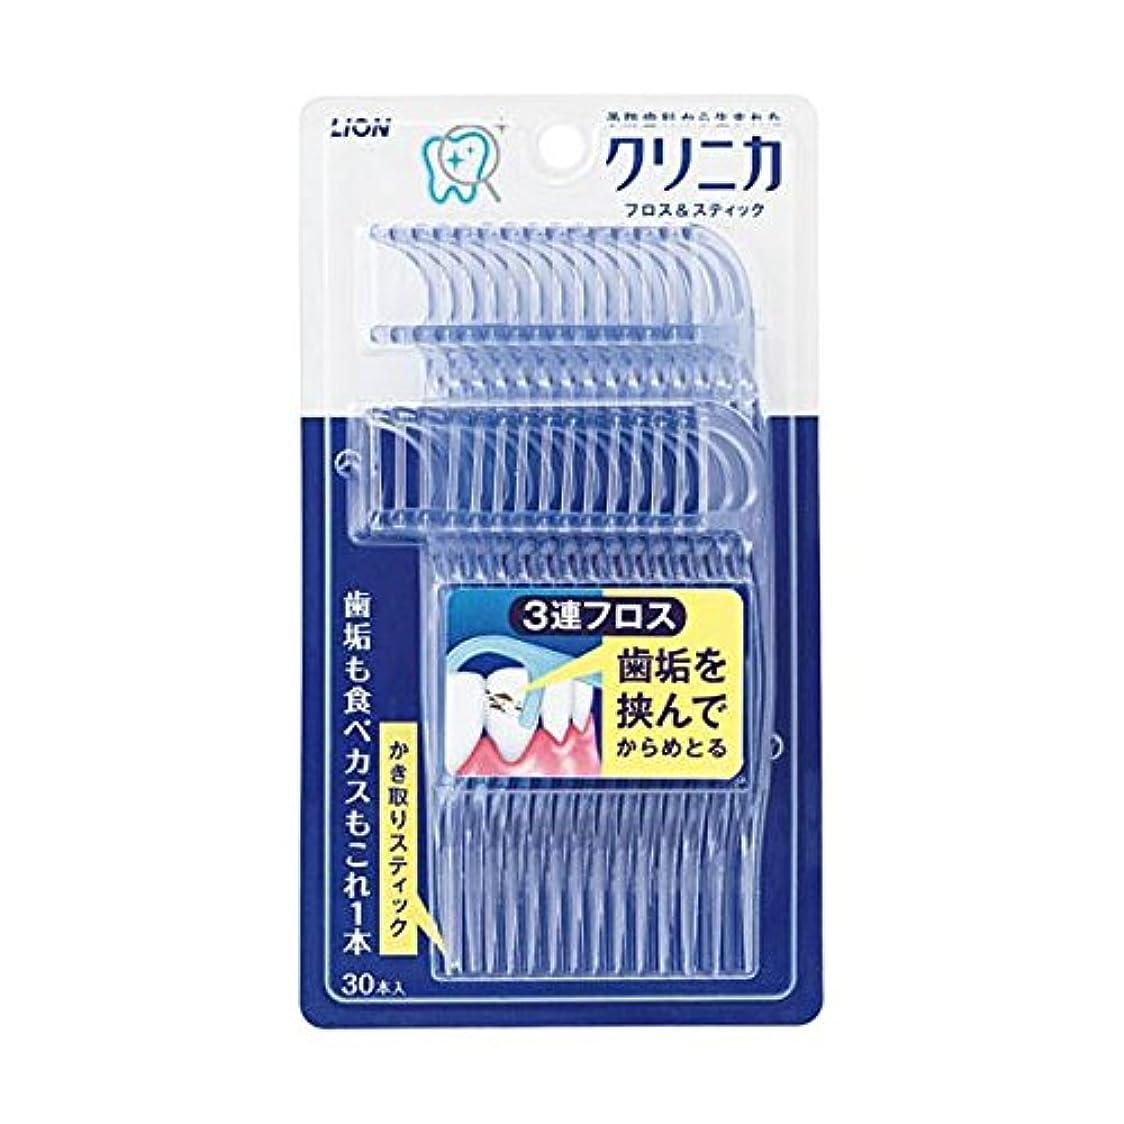 ベルト野望キュービック【ライオン】クリニカ フロス&スティック 30本 ×8個セット